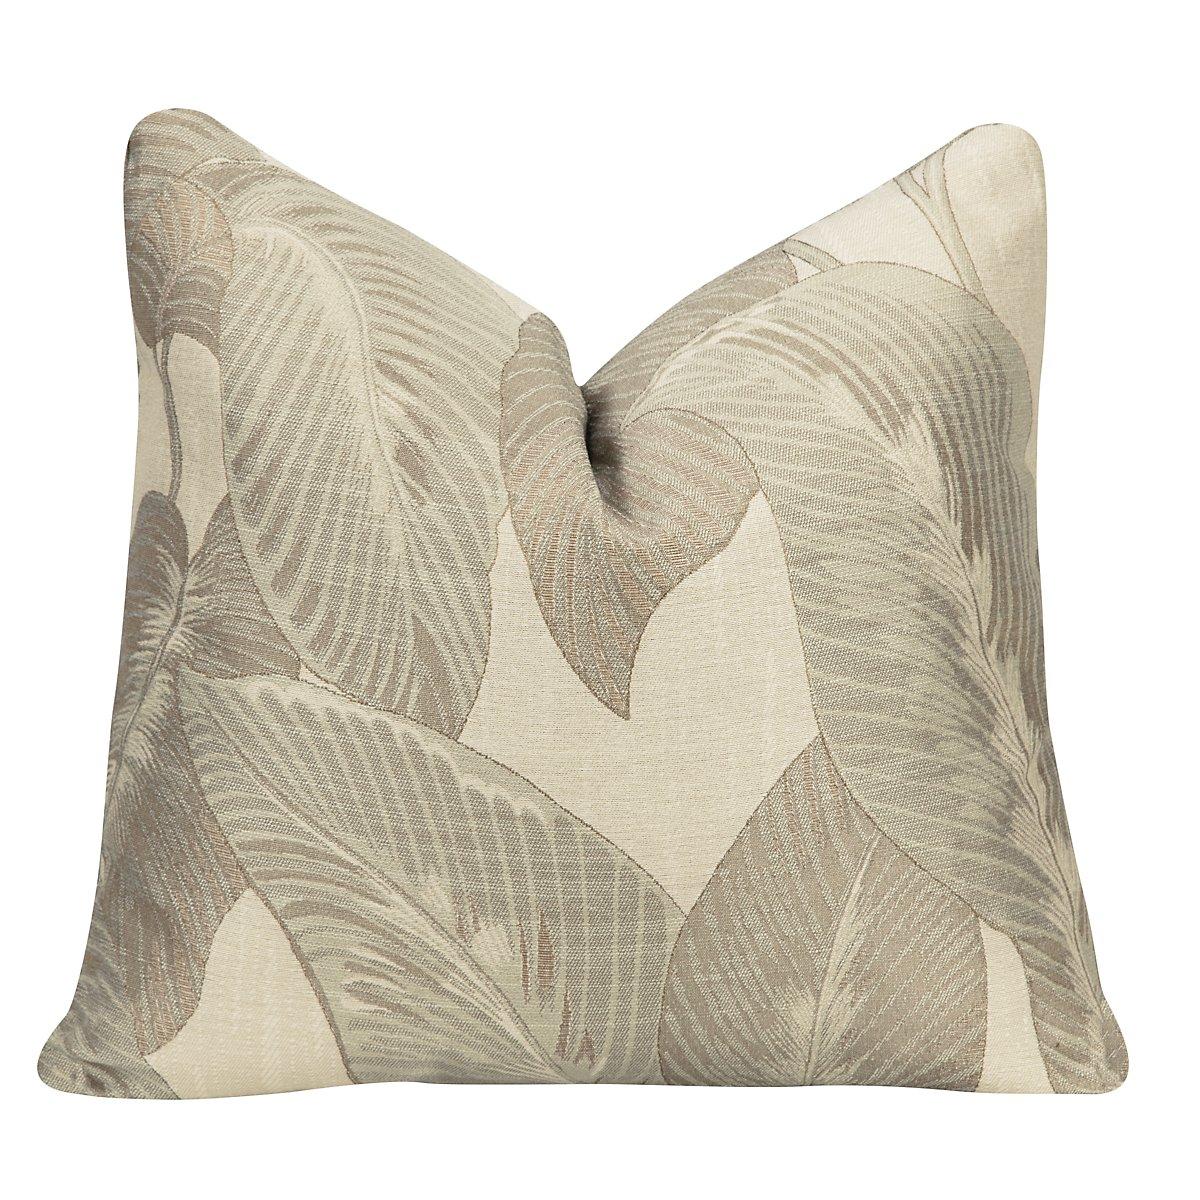 Erin Multicolored Green Square Accent Pillow